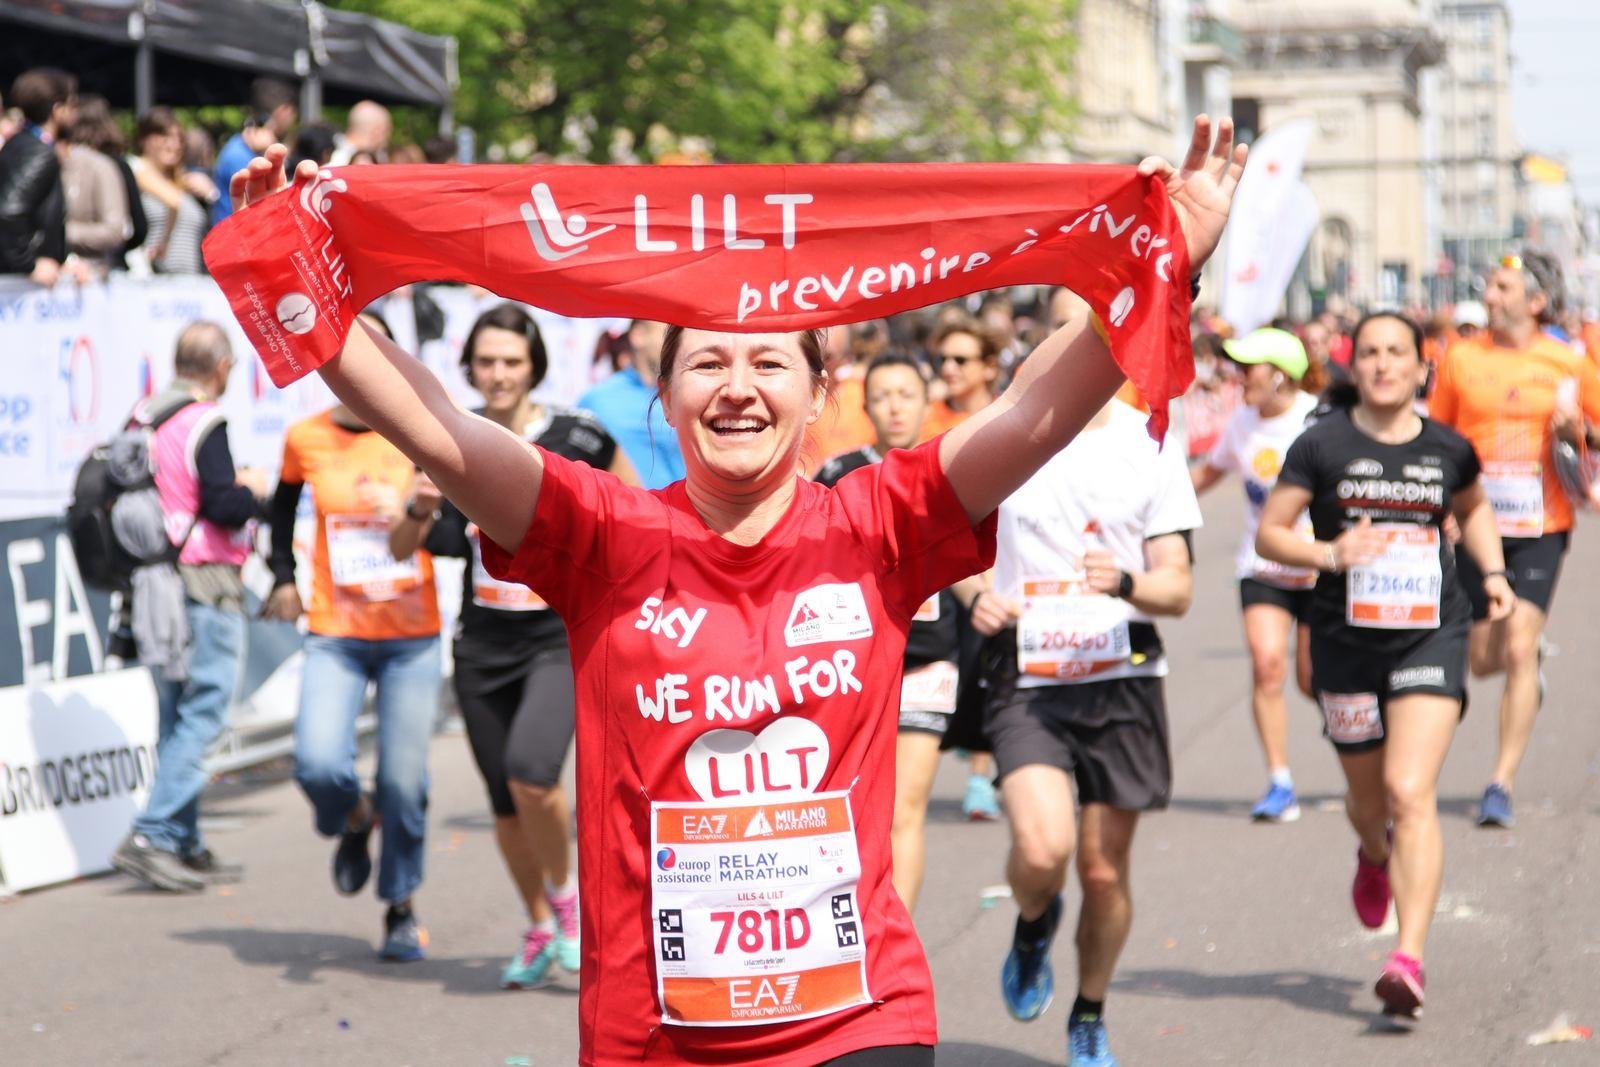 Corri la MM2018 per le case accoglienza!-LILT Milano